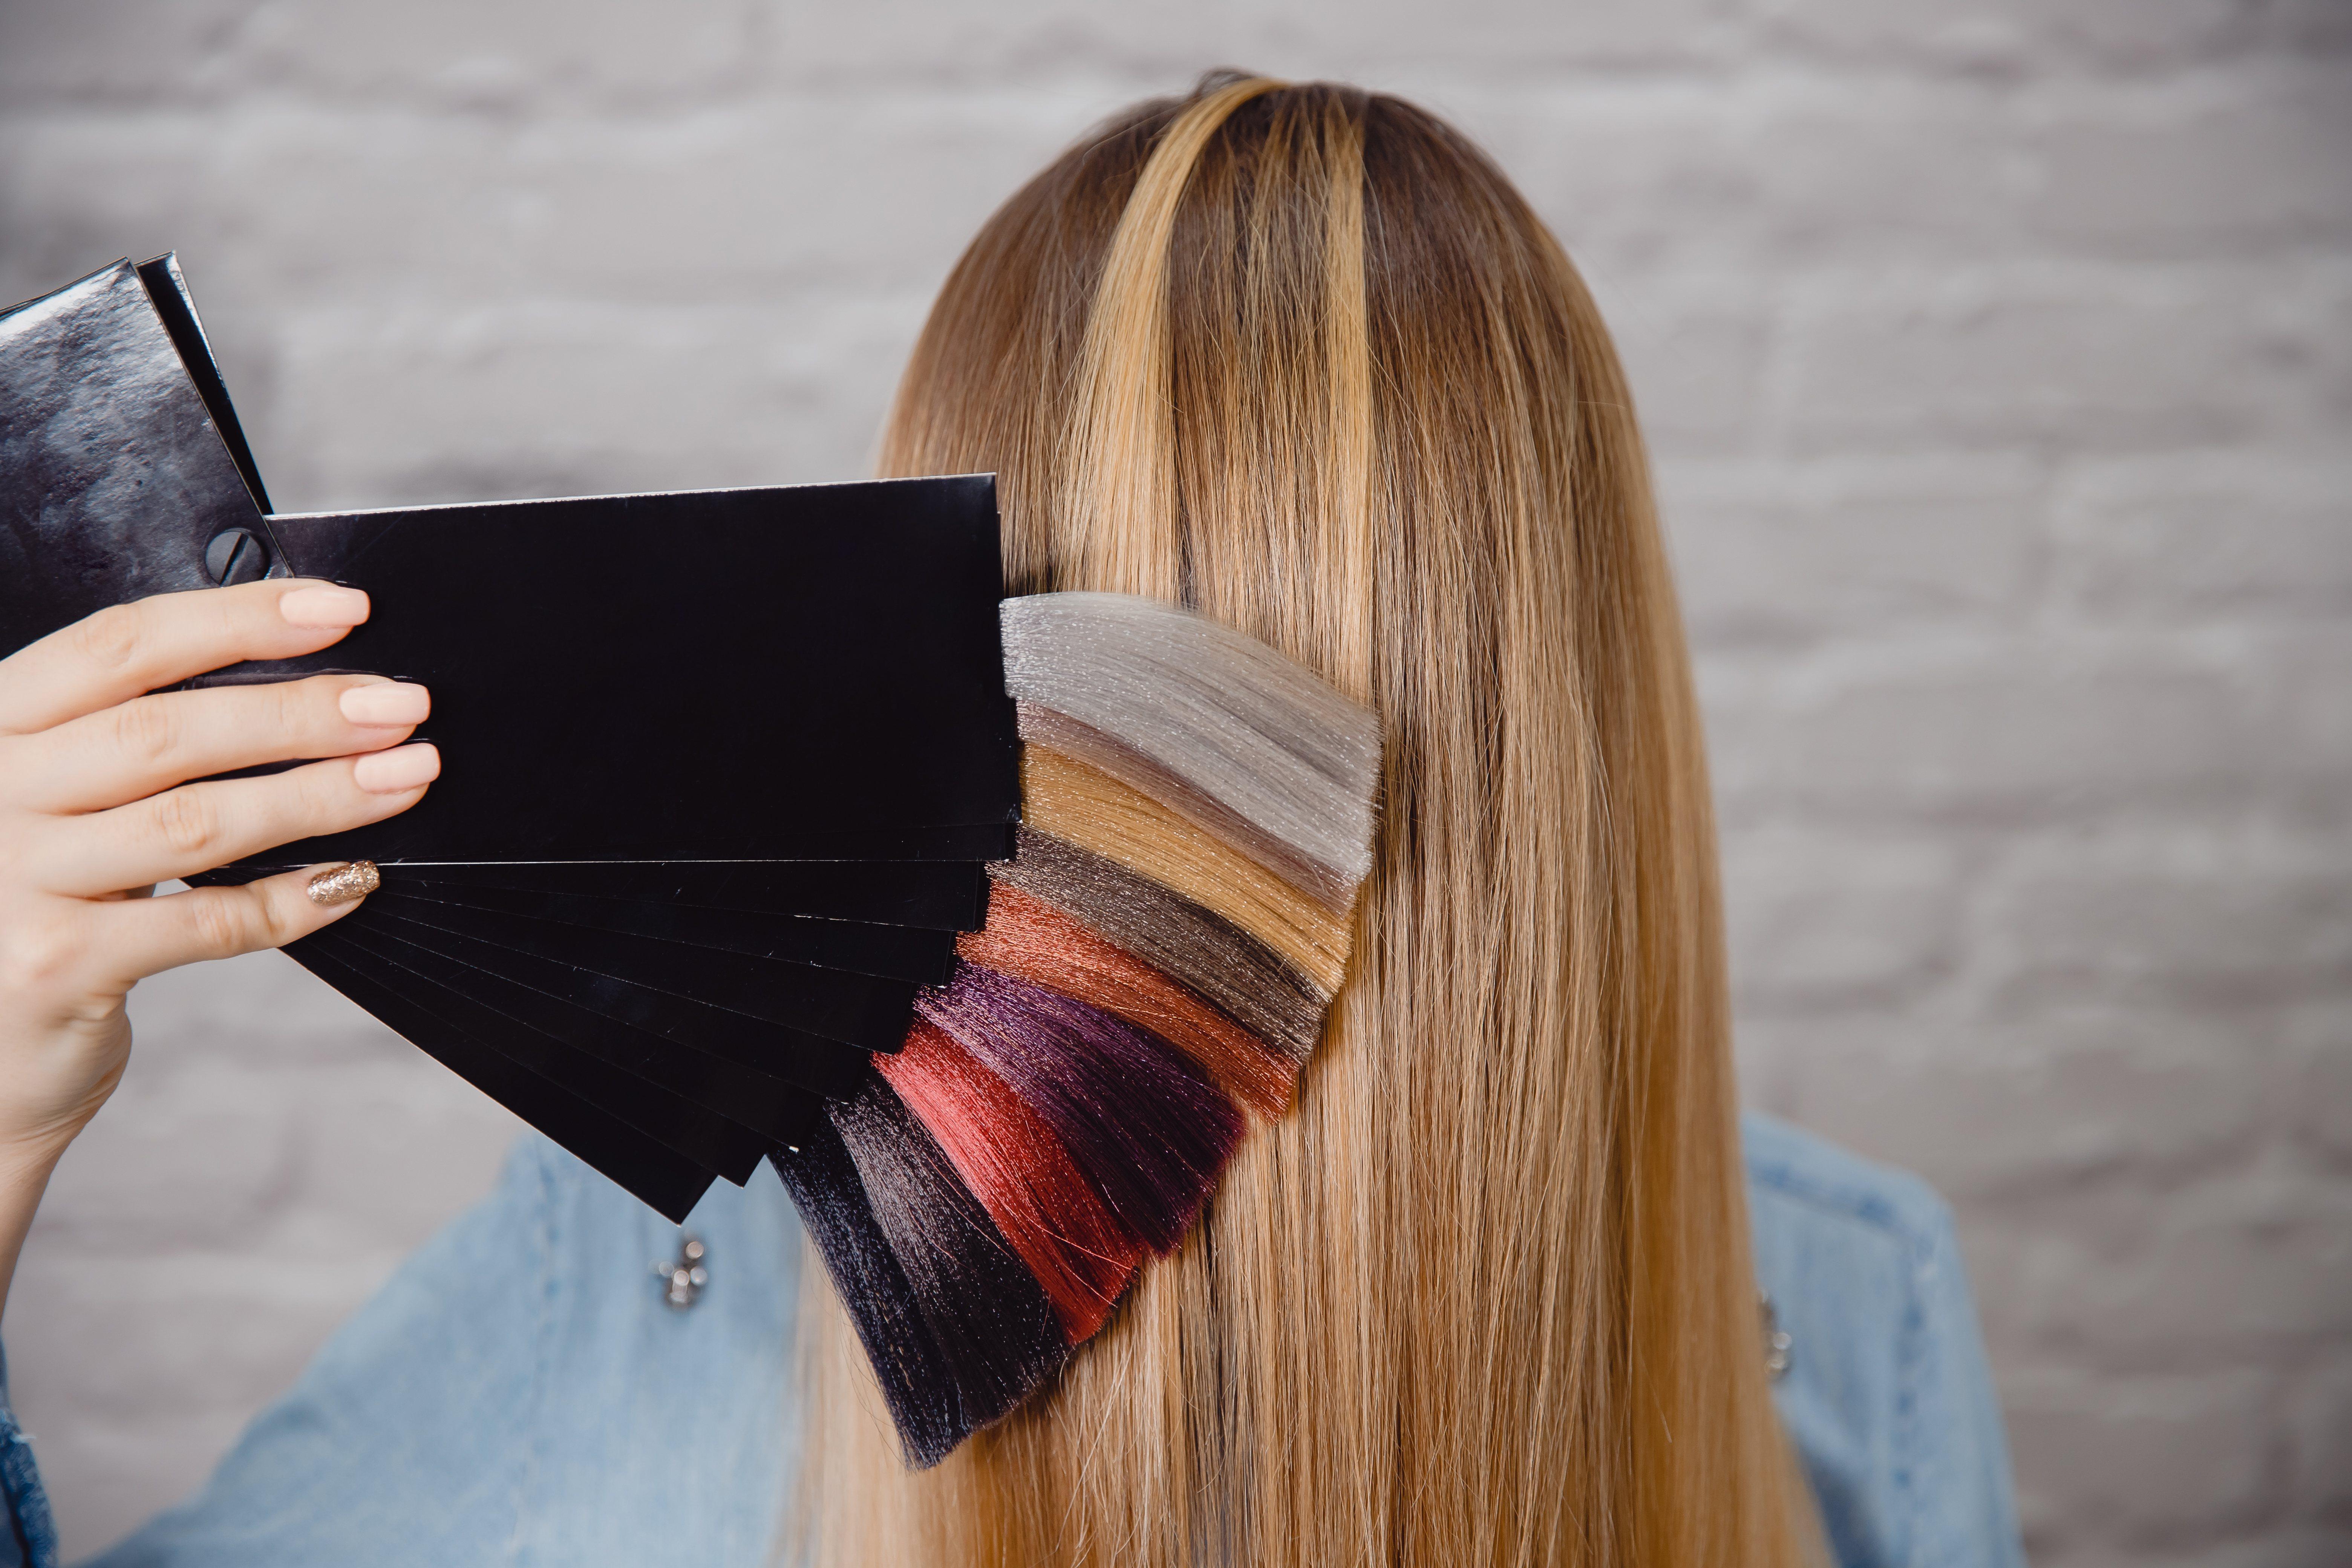 Las extensiones son una forma fácil y rápida de dotar a nuestro cabello de un volumen y longitud extras